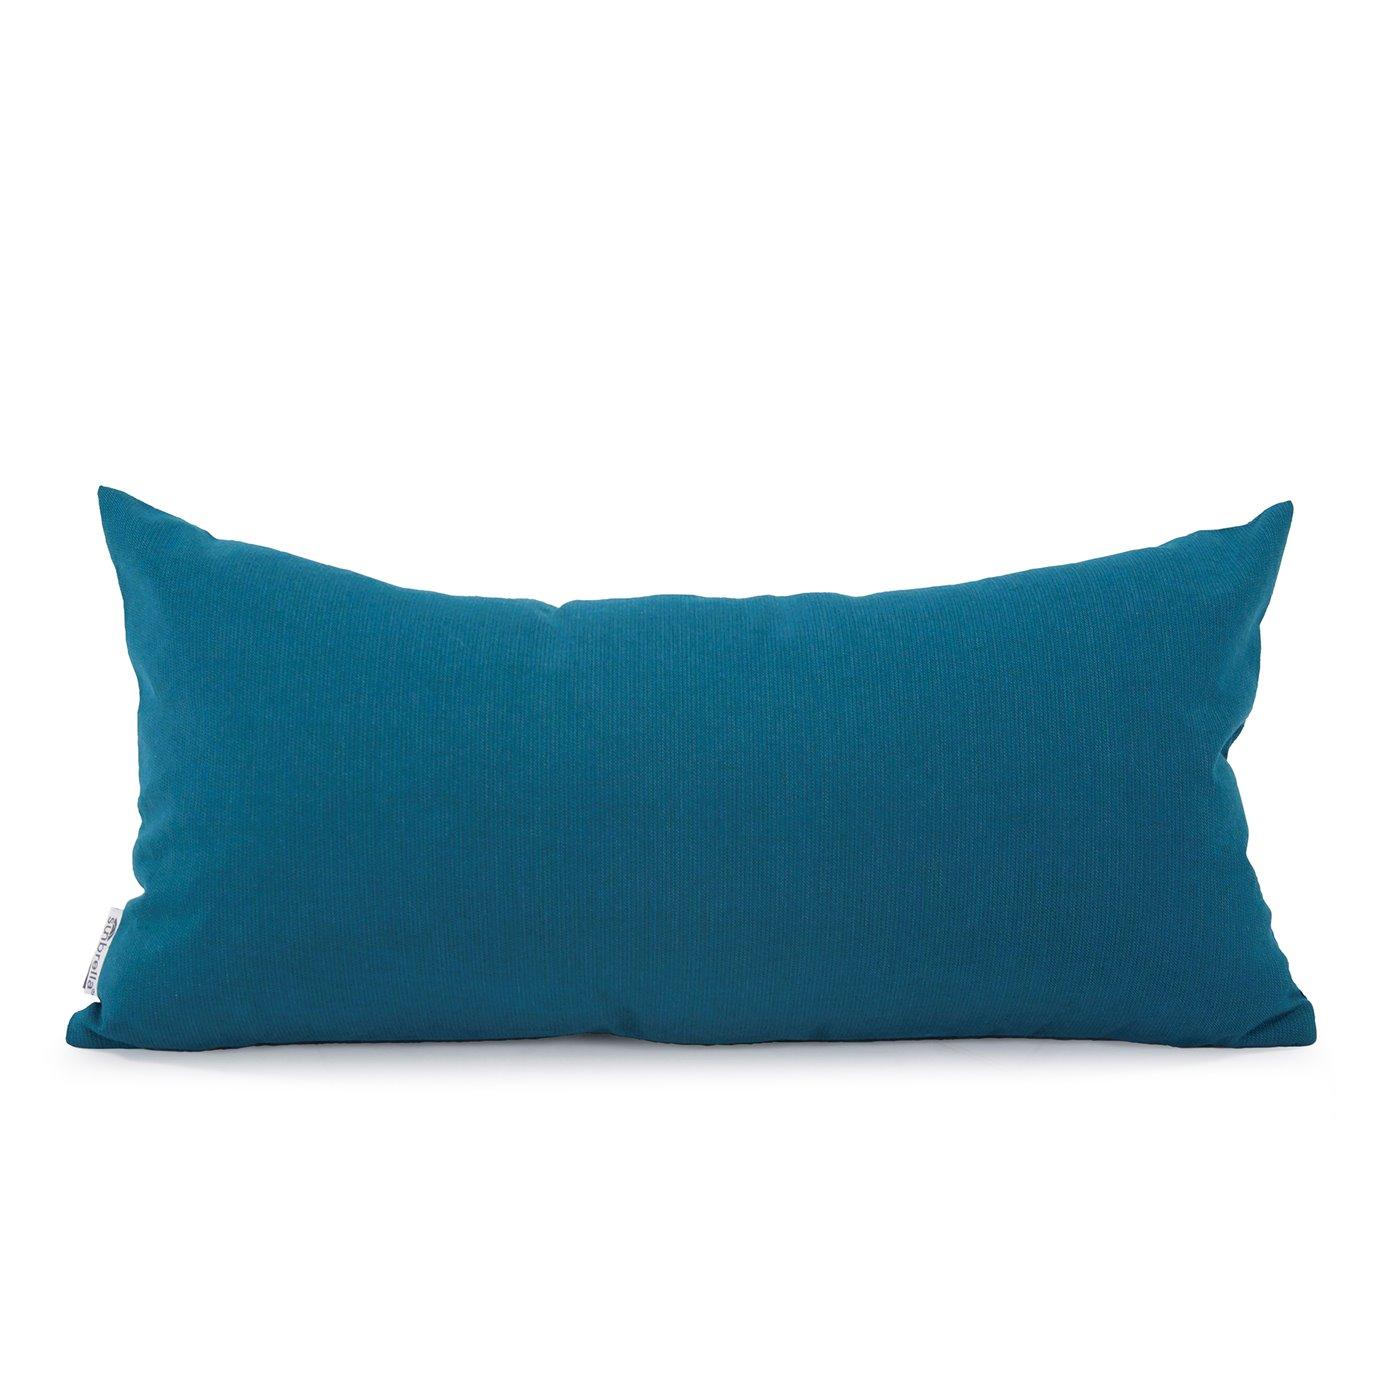 Howard Elliott Kidney Pillow Outdoor Sunbrella Seascape Turquoise